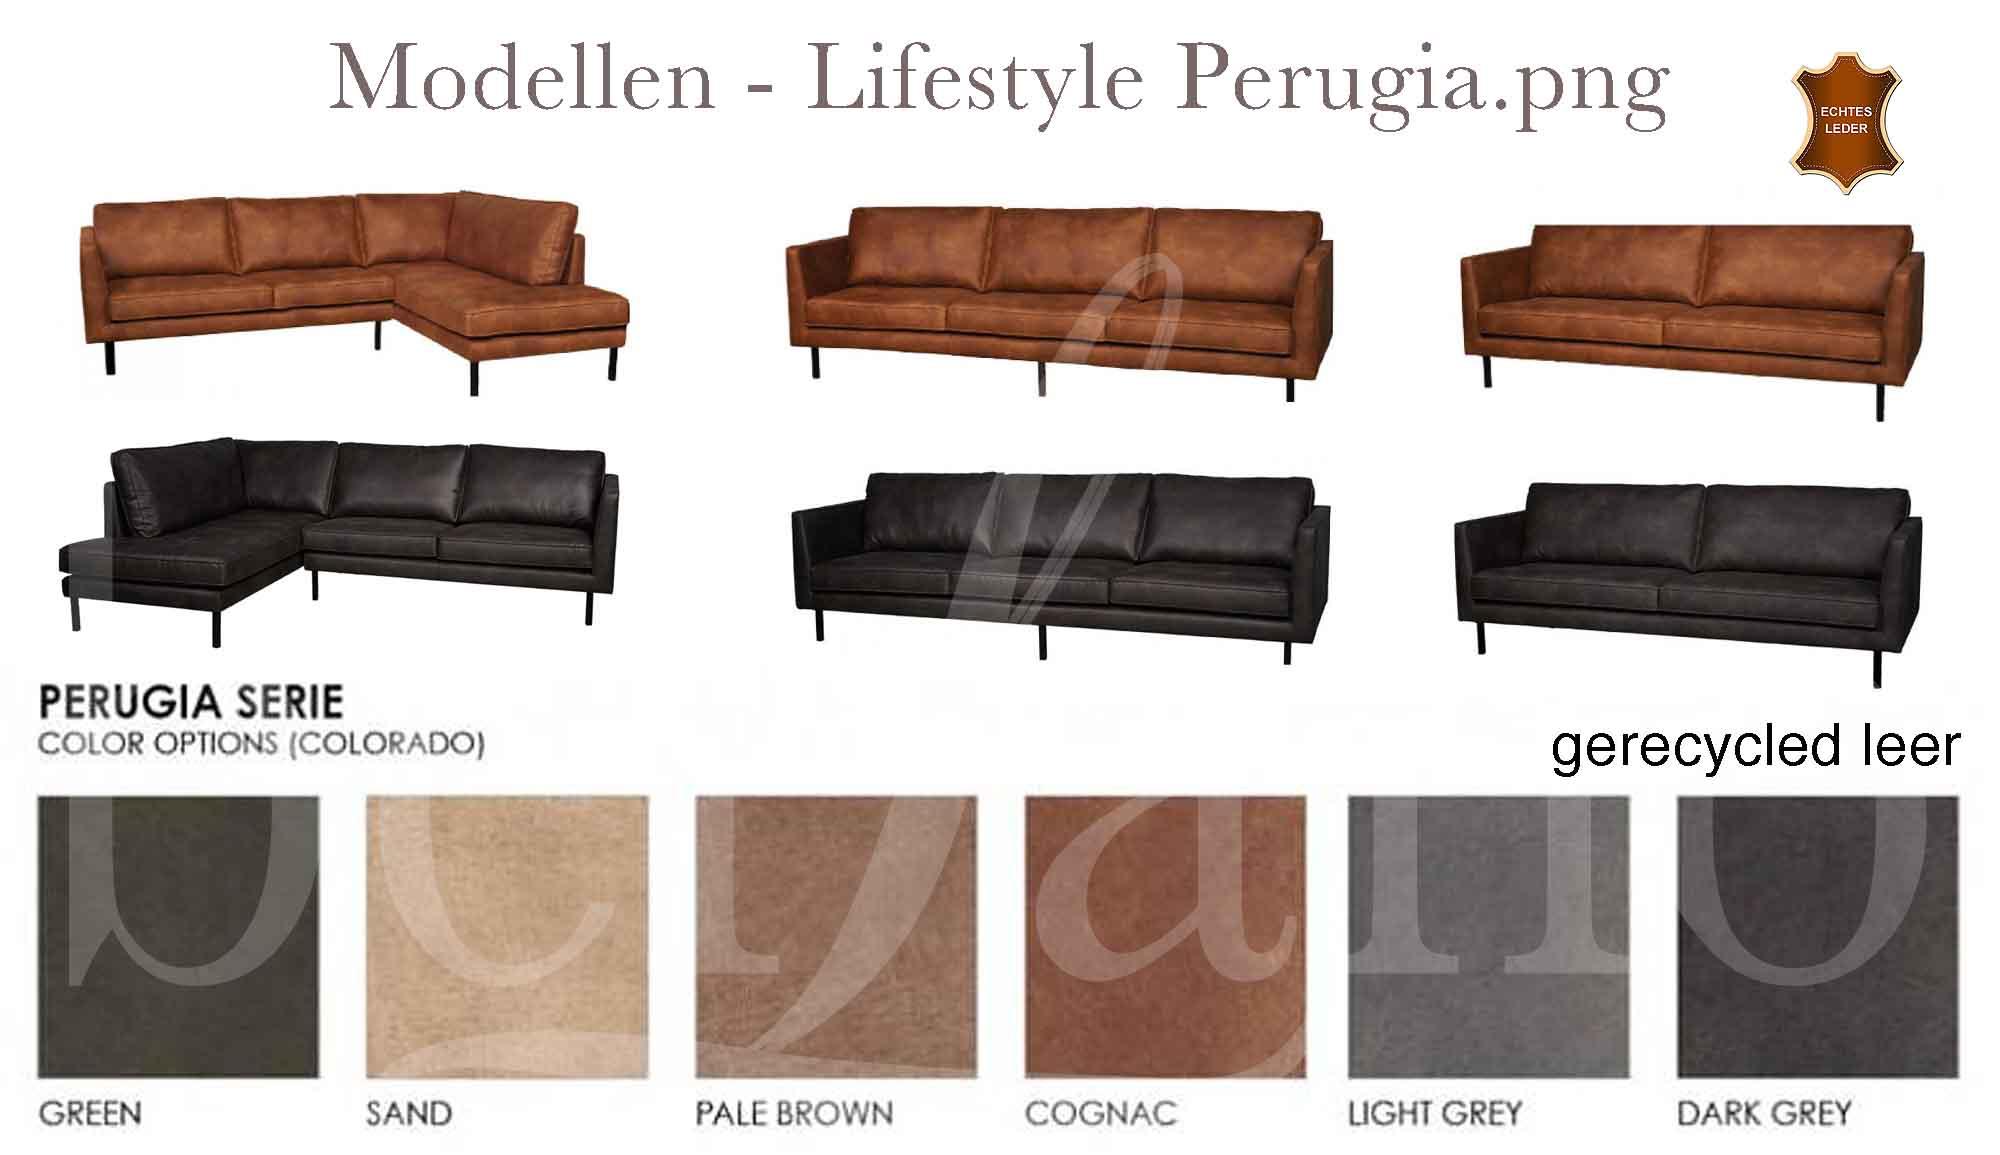 Hoekbank Leer Lounge.Lifestyle Perugia Lounge Sofa Leren Bank Grijs Cognac Groen Leer